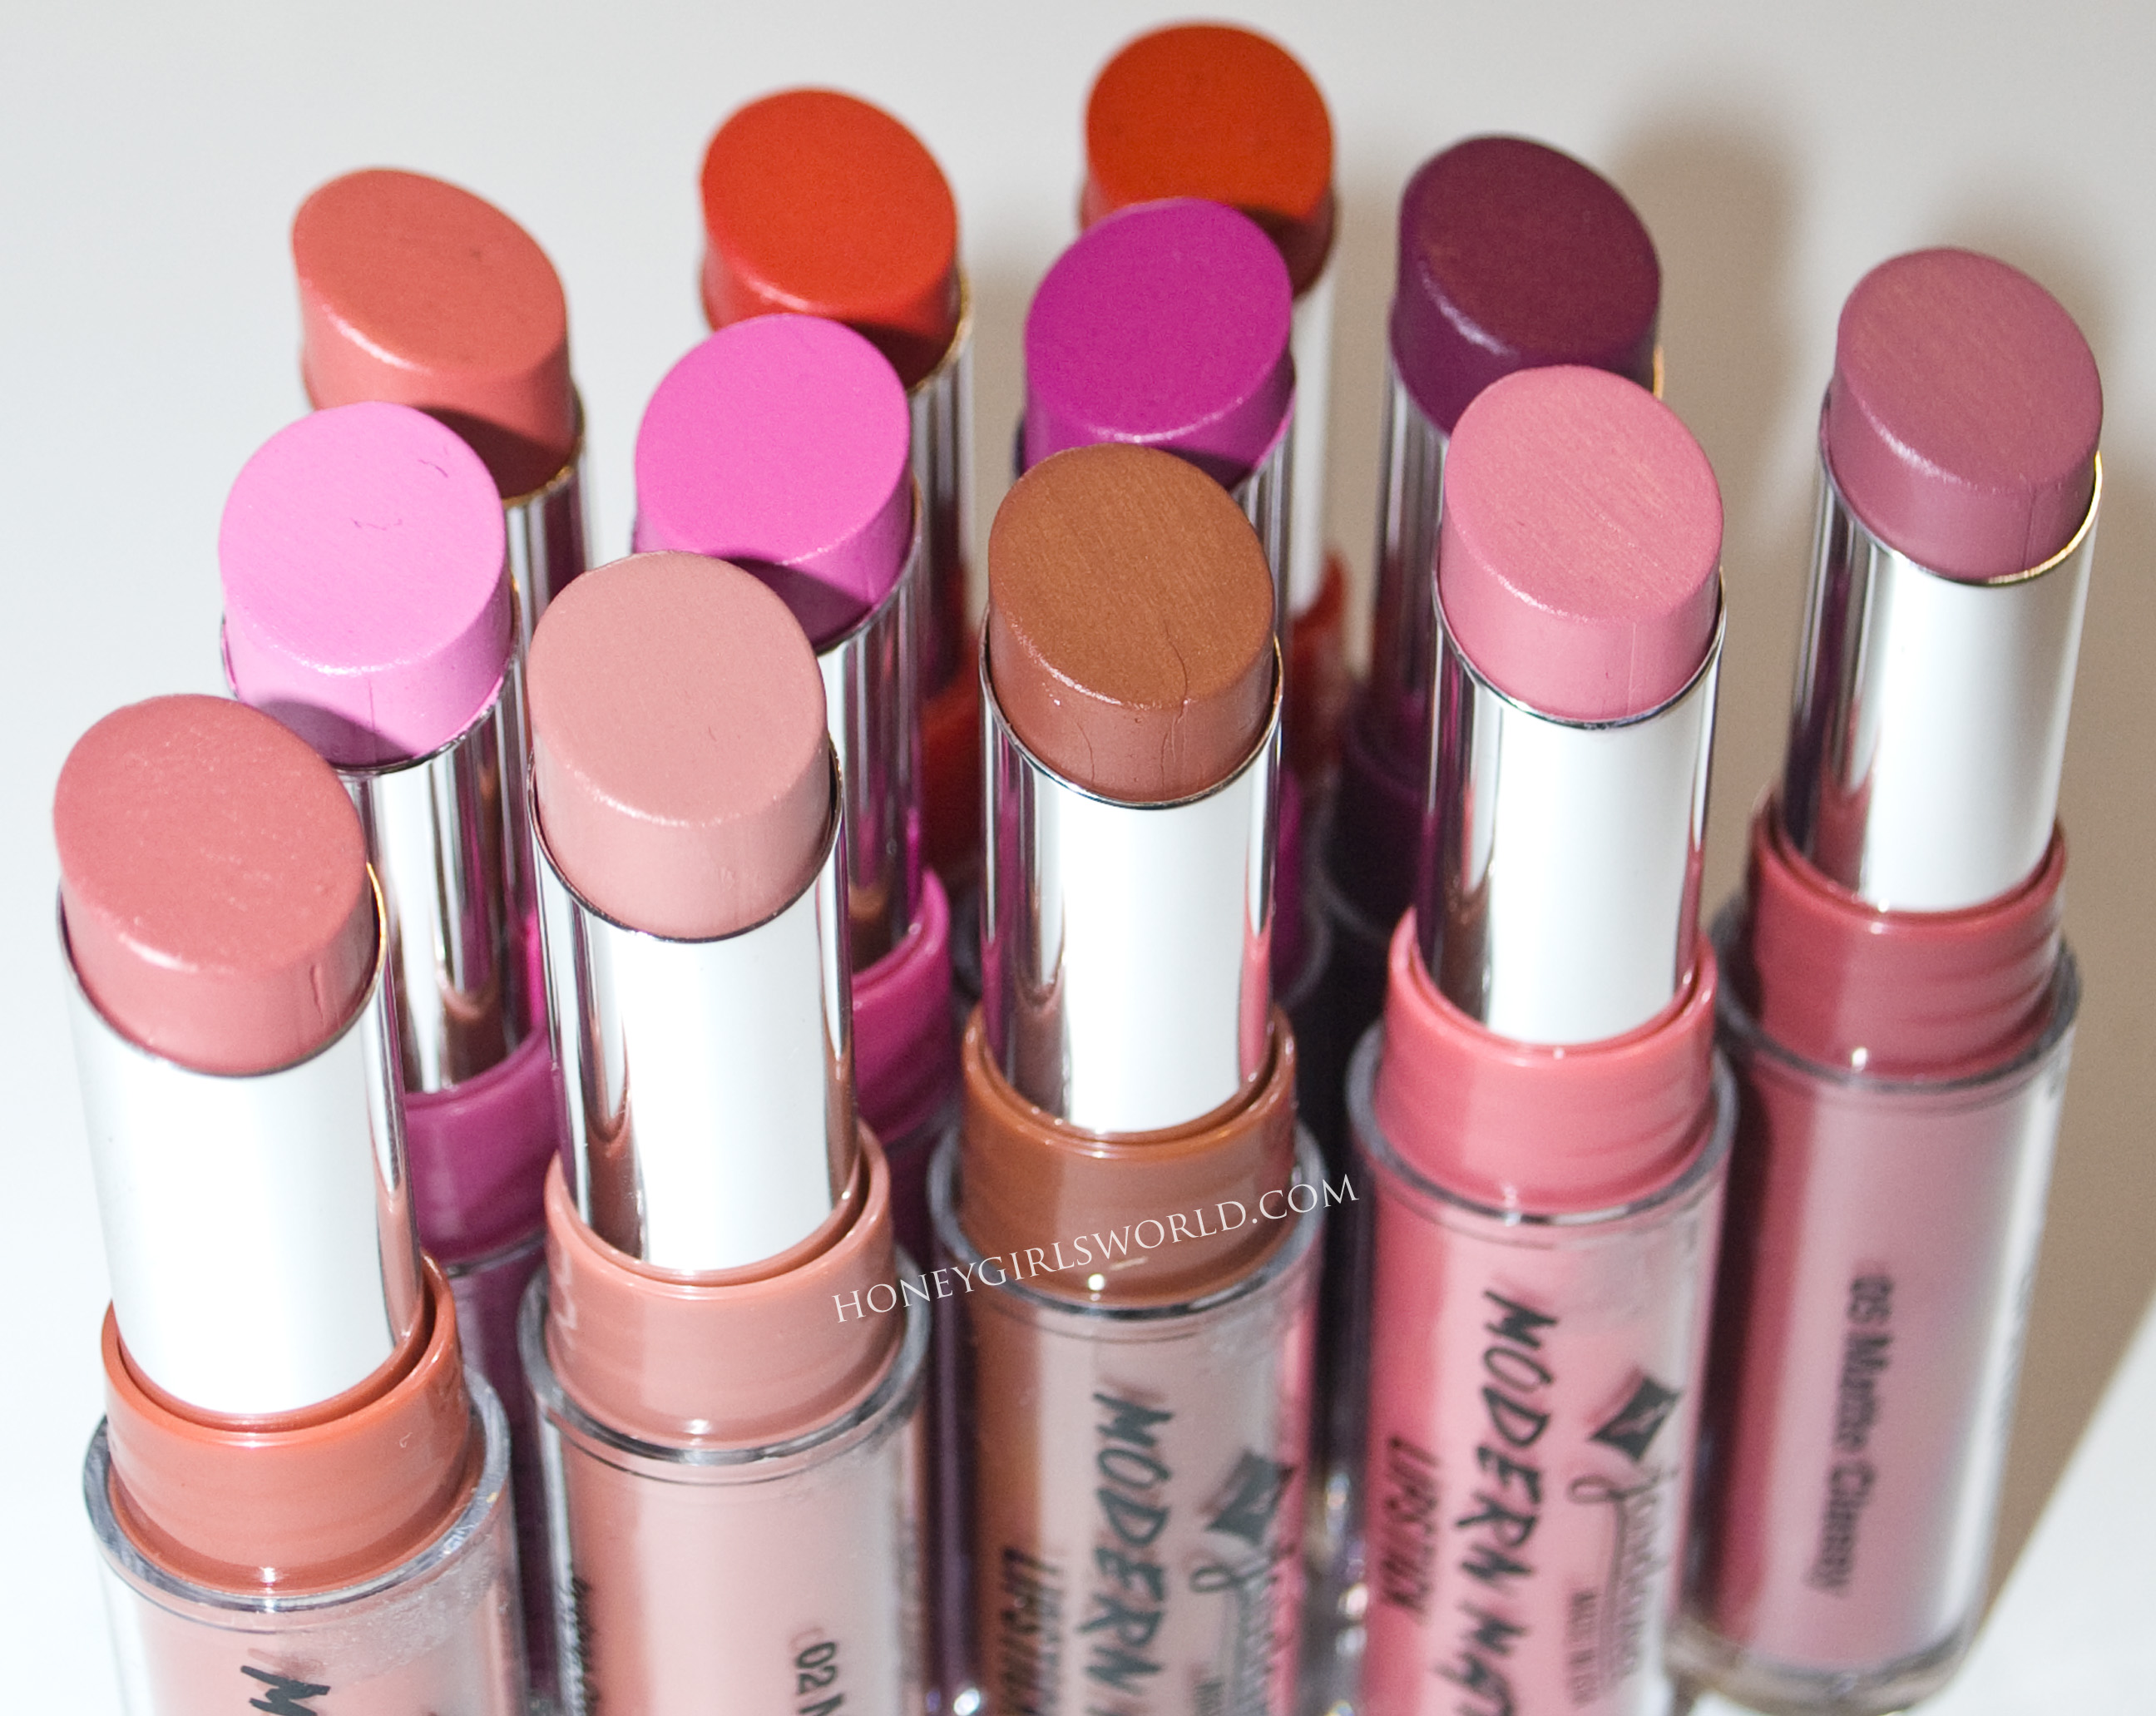 Jordana Modern Matte Lipstick Review and Swatches | Budget